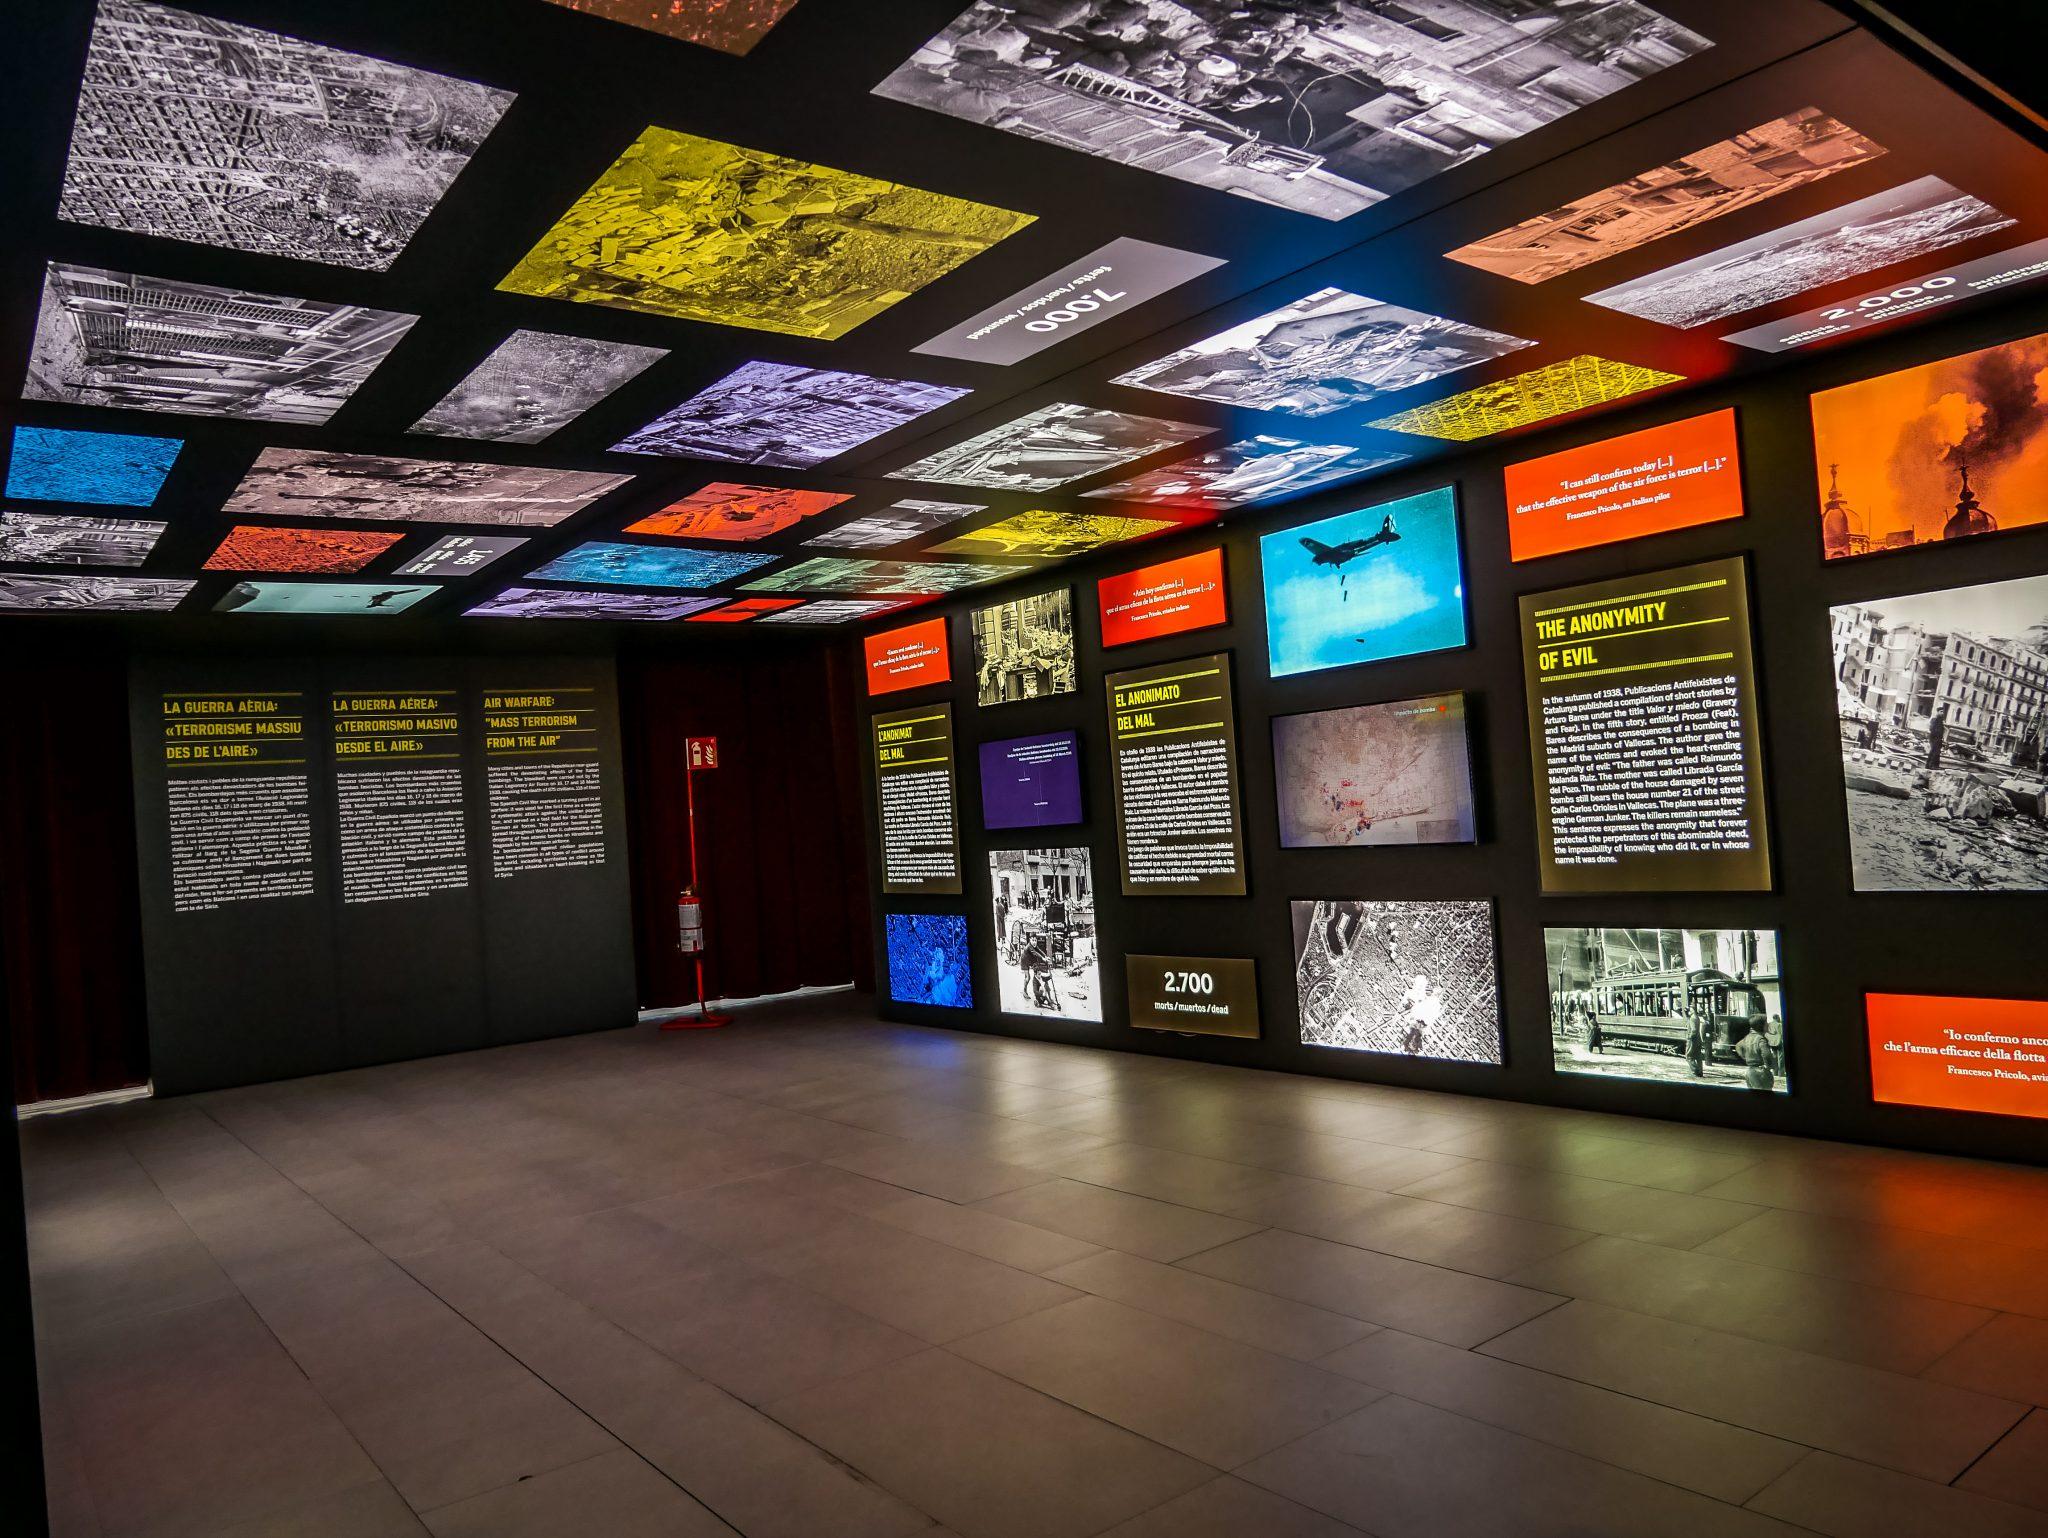 """Dies ist eine temporäre Ausstellung in Born Centre de cultura / Memoria, zur Zeit """"Una Infancia bajo las bombas"""" (Eine Kindheit unter den Bomben) 26.09.2018 - 31.03.2019"""